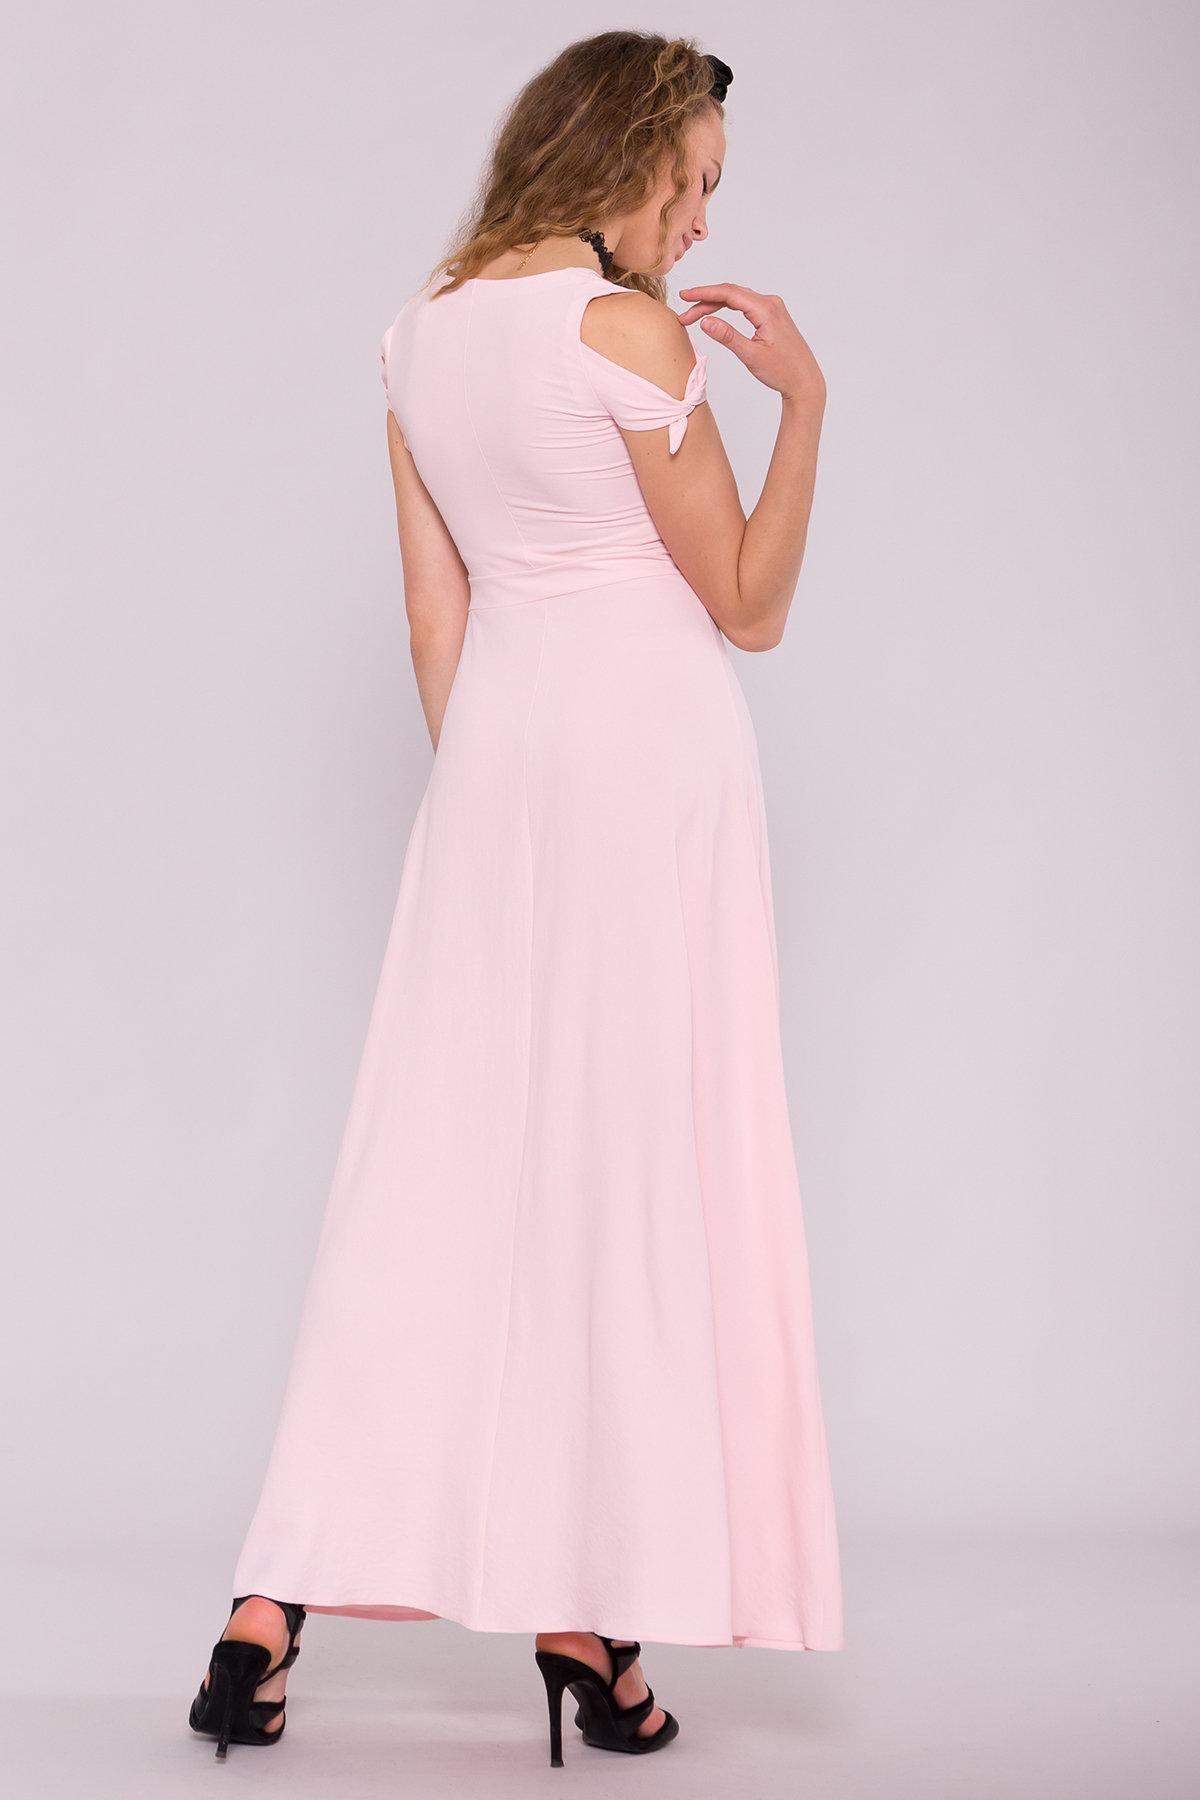 Платье Жане 7181 АРТ. 42597 Цвет: Розовый - фото 3, интернет магазин tm-modus.ru